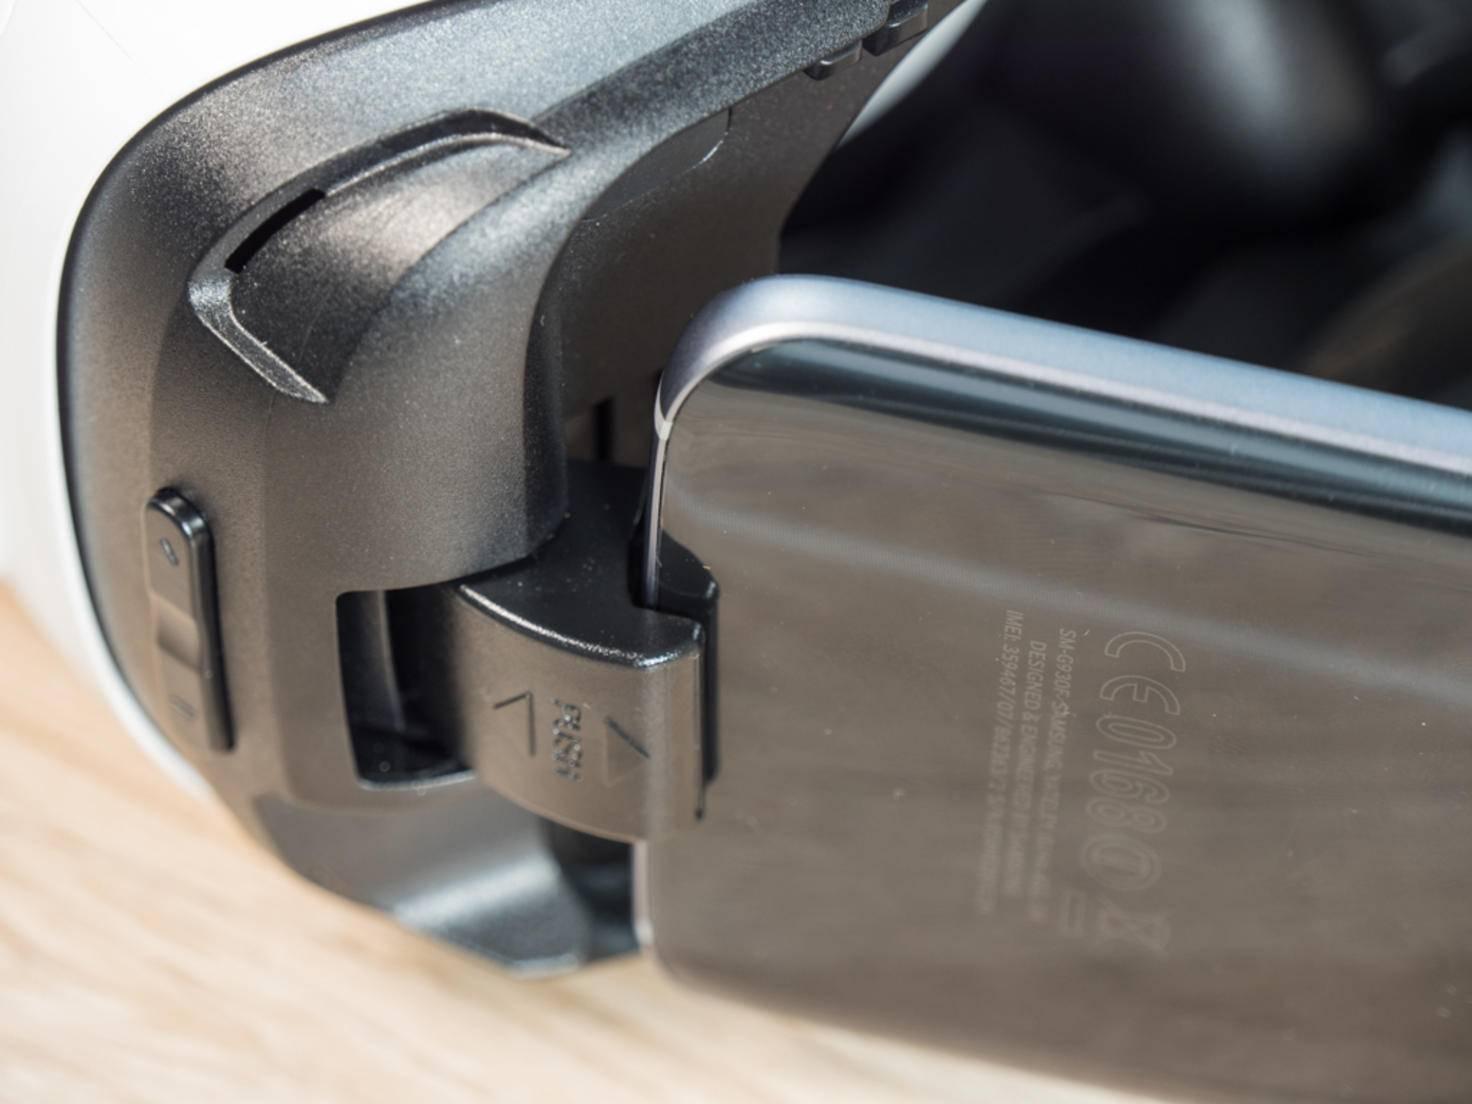 Die Öffnung hat einen gewissen Spielraum für Smartphones unterschiedlicher Größe.